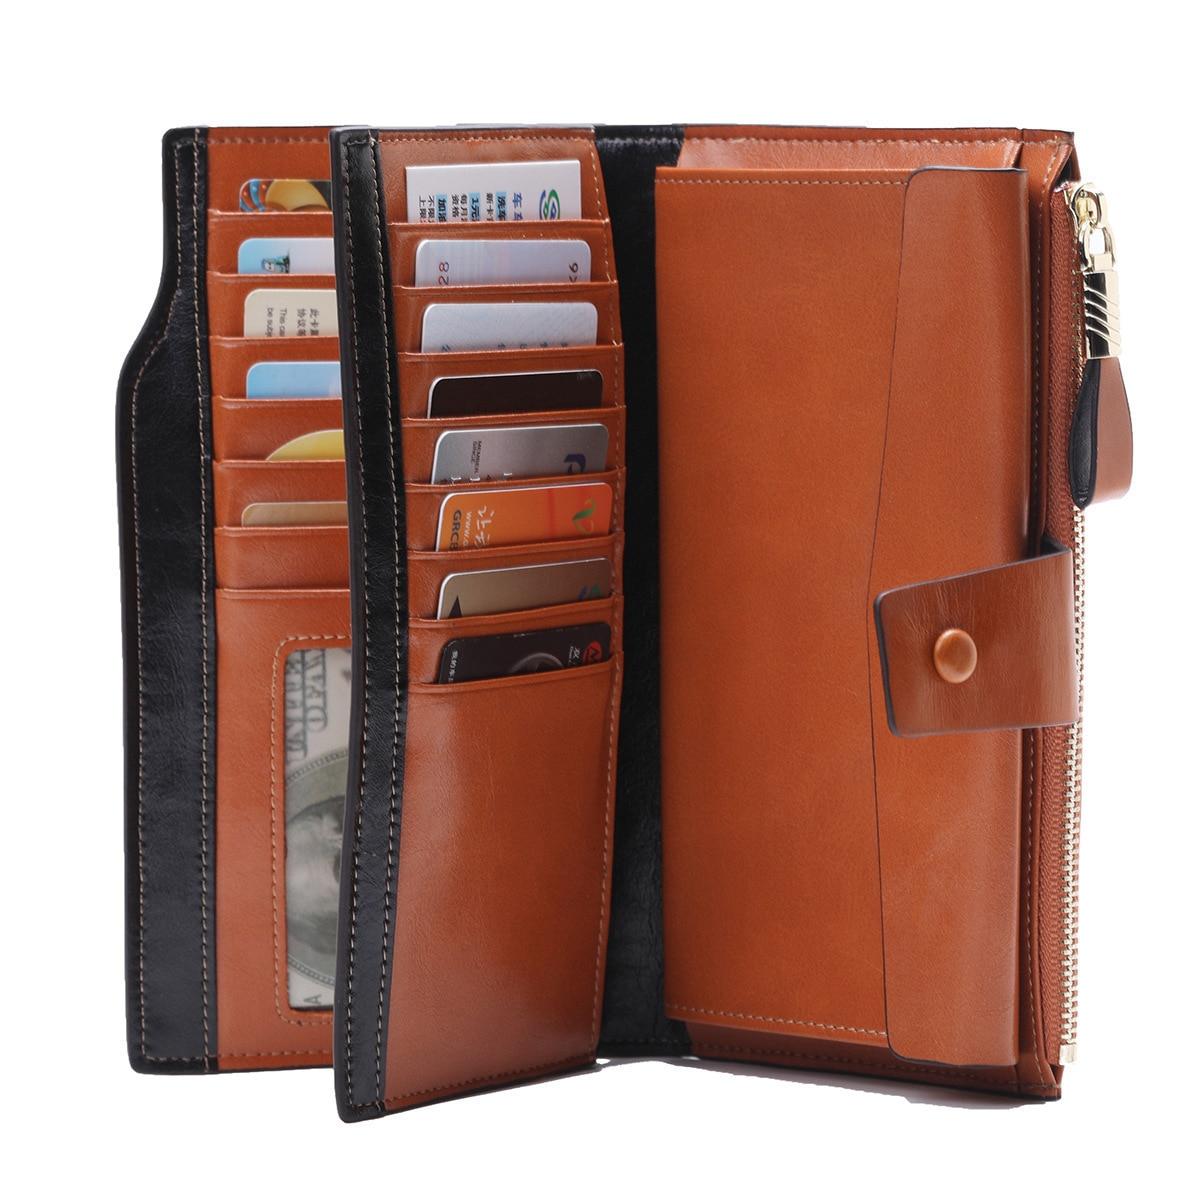 9e0e5a996844 JINBAOLA Для мужчин кошелек бренд кошелек двойной молнии и Hasp дизайн  маленький кошелек мужской высокое качество